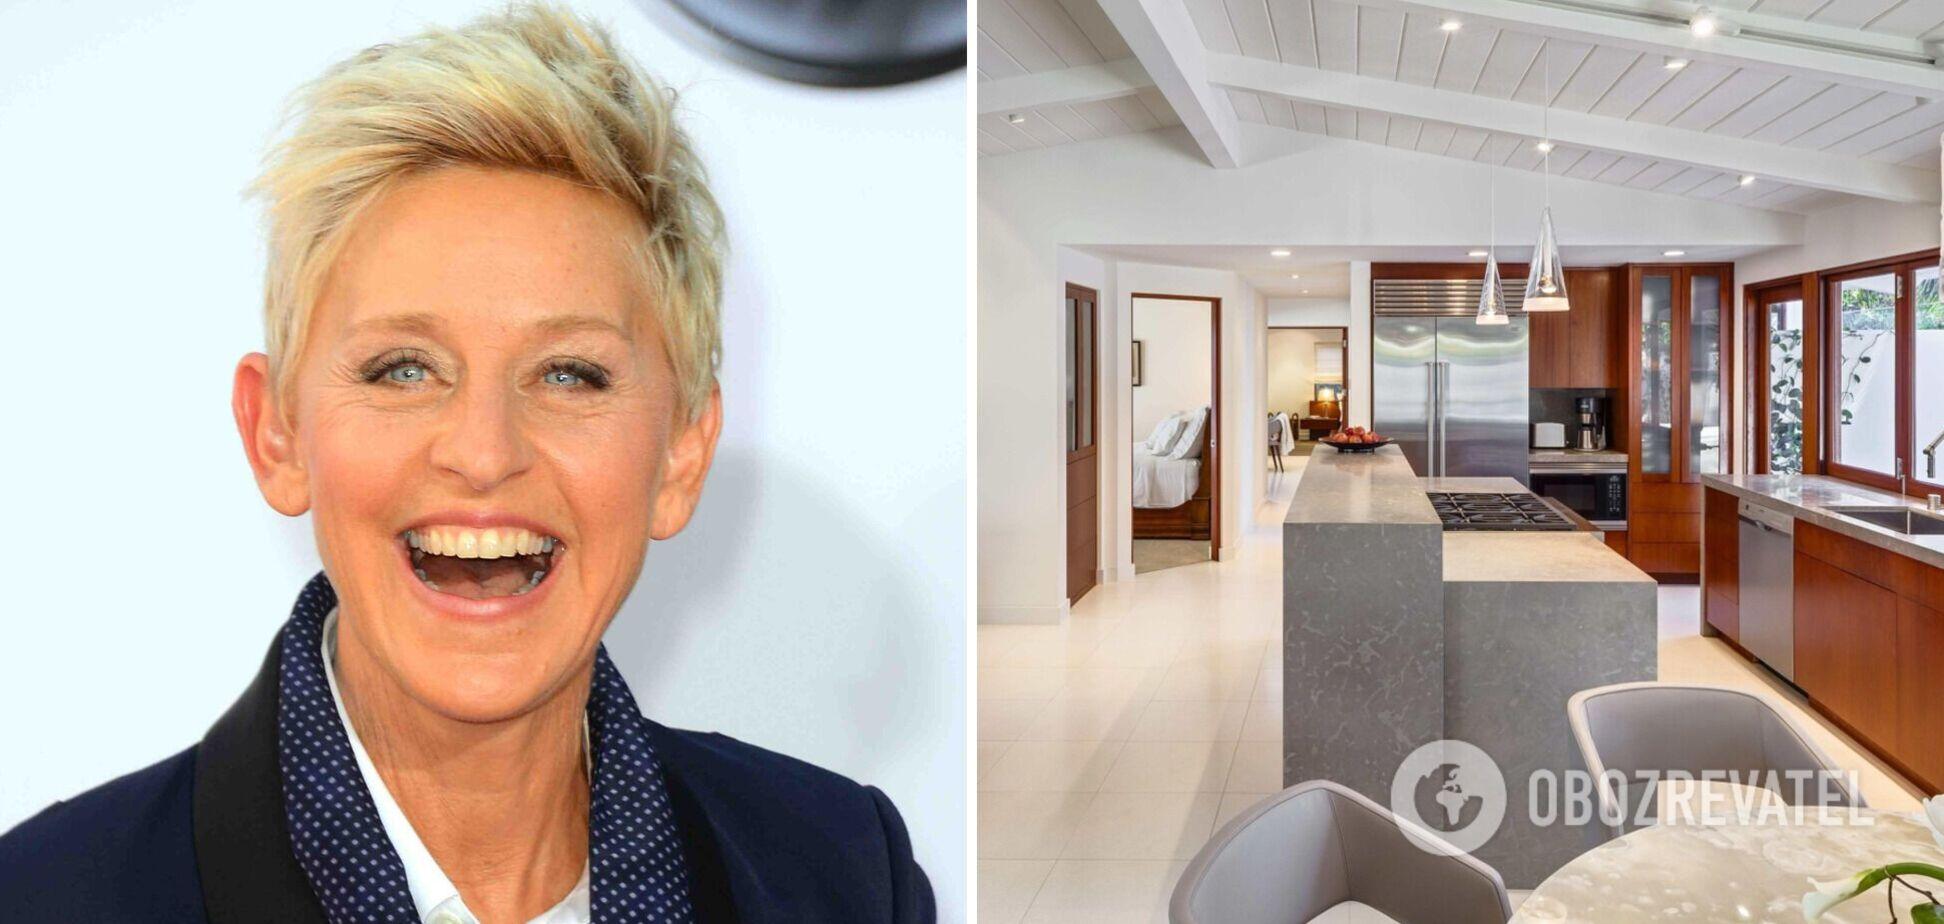 Эллен ДеДженерес купила дом за $2,9 млн: как он выглядит изнутри